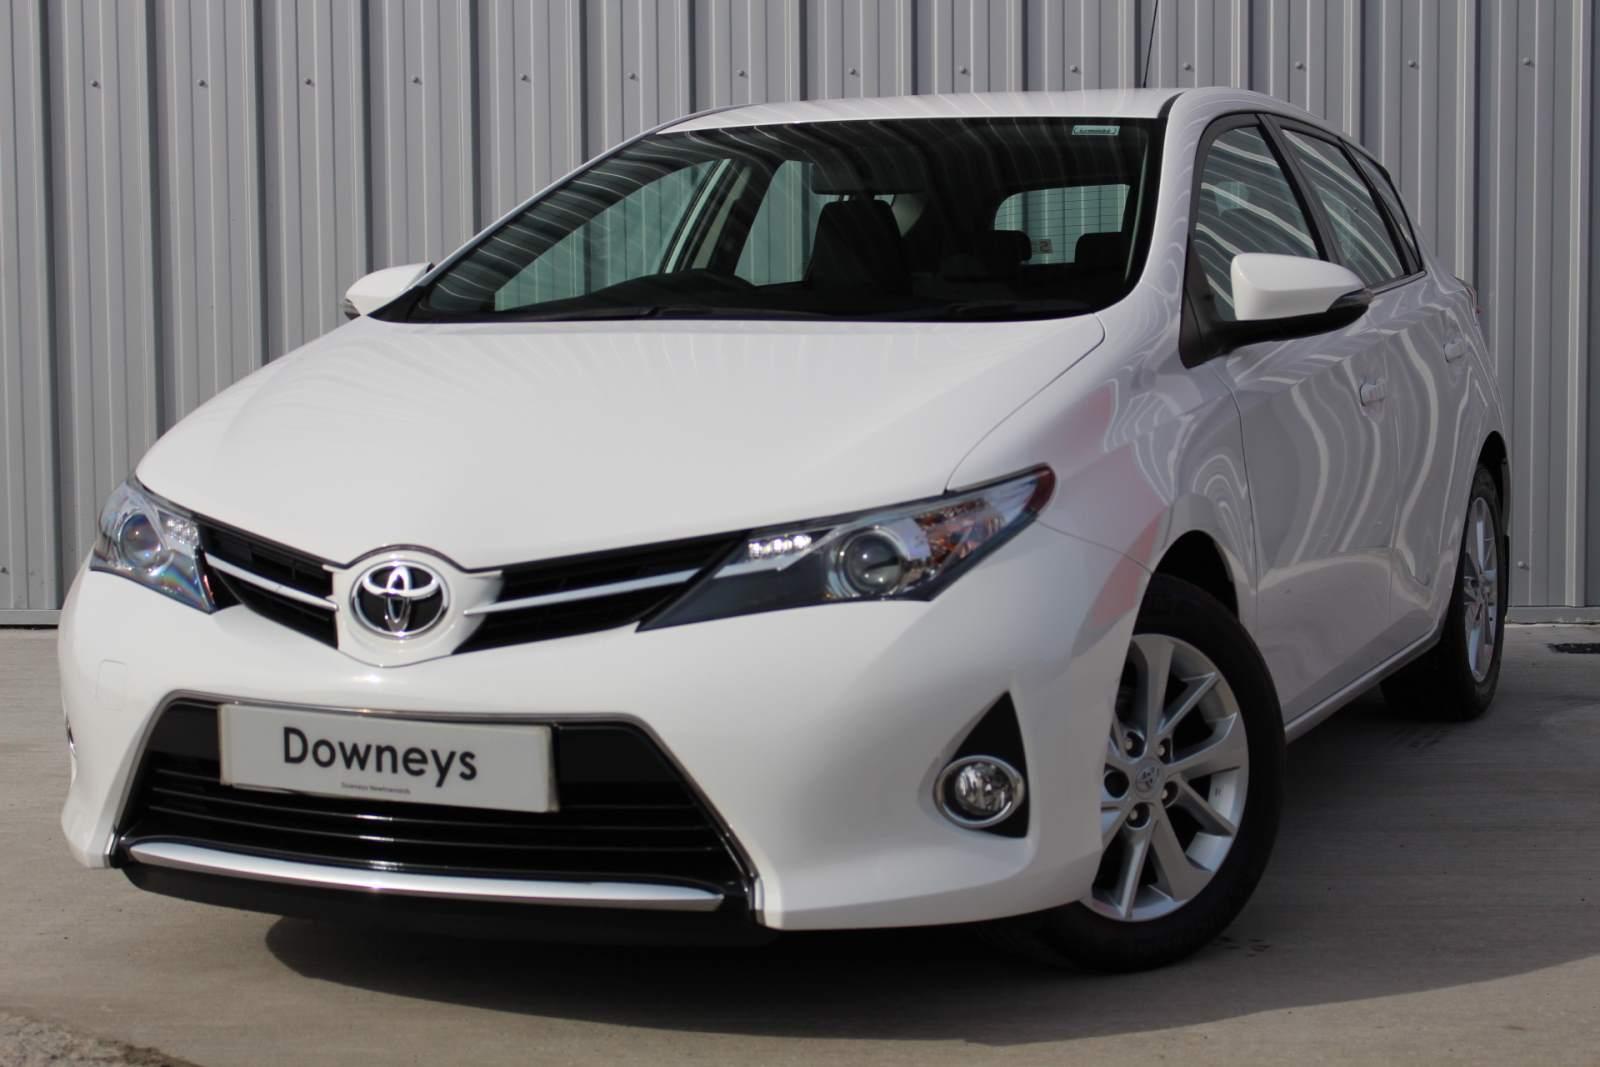 Toyota AURIS ICON DUAL 1.3 VVT-I